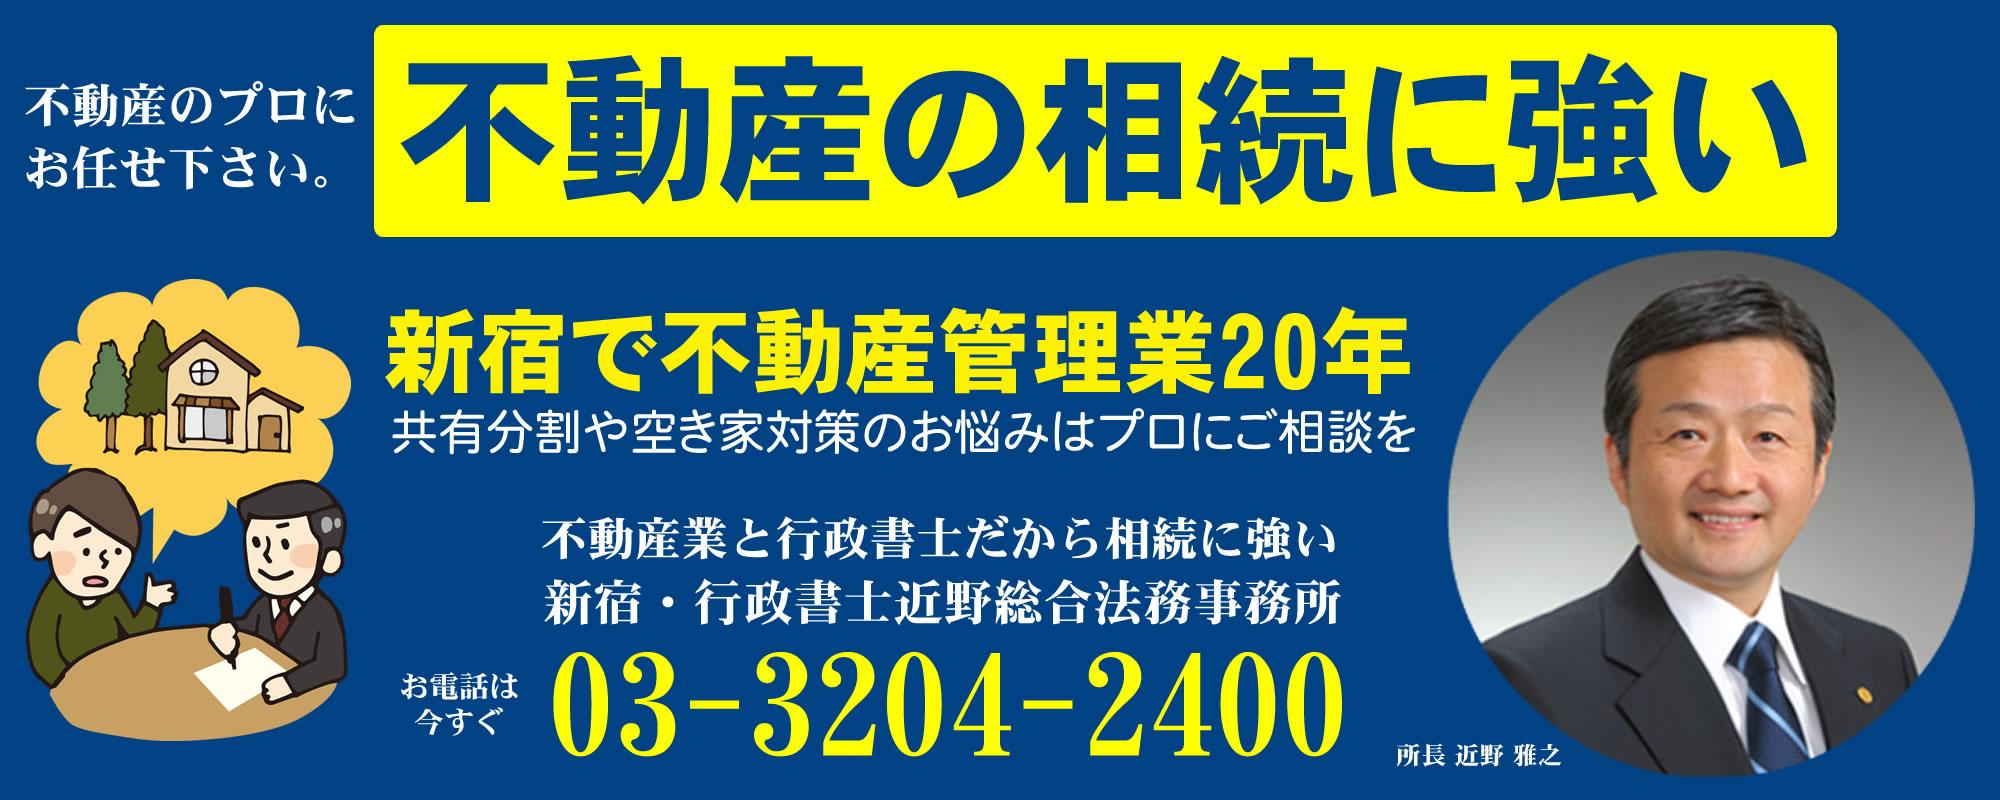 不動産の相続に強い新宿・行政書士近野総合法務事務所